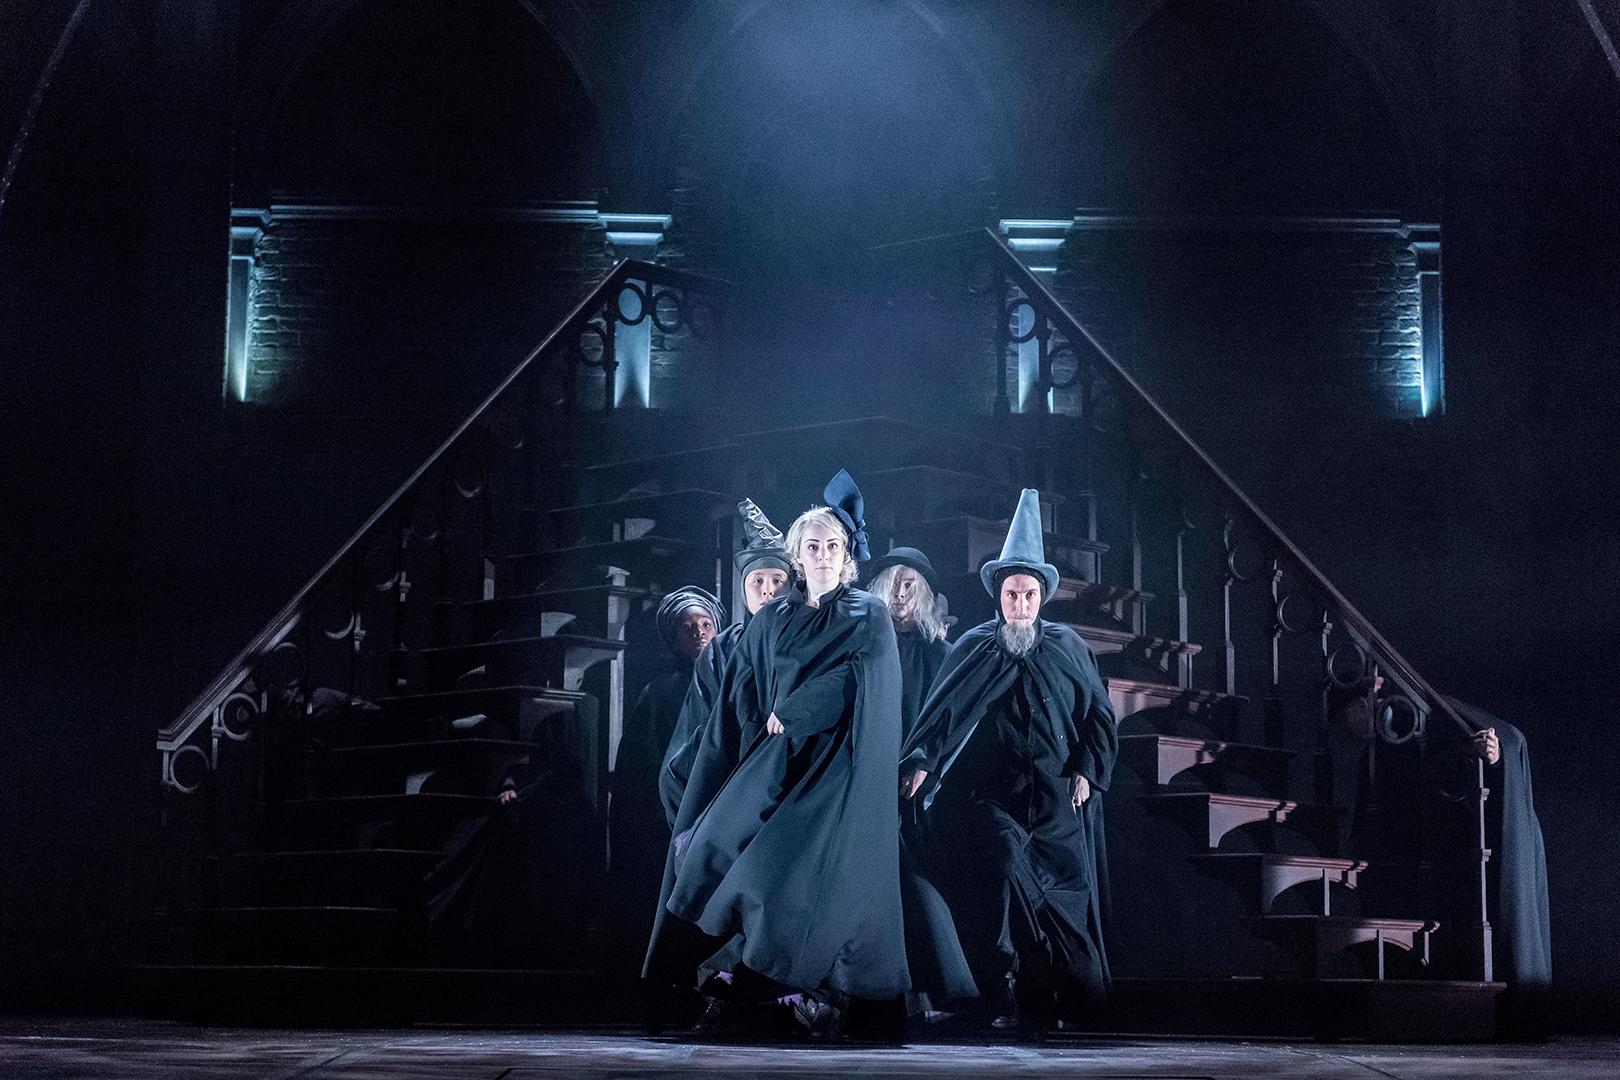 Bruxos com um semblante malévolo nos corredores de Hogwarts.